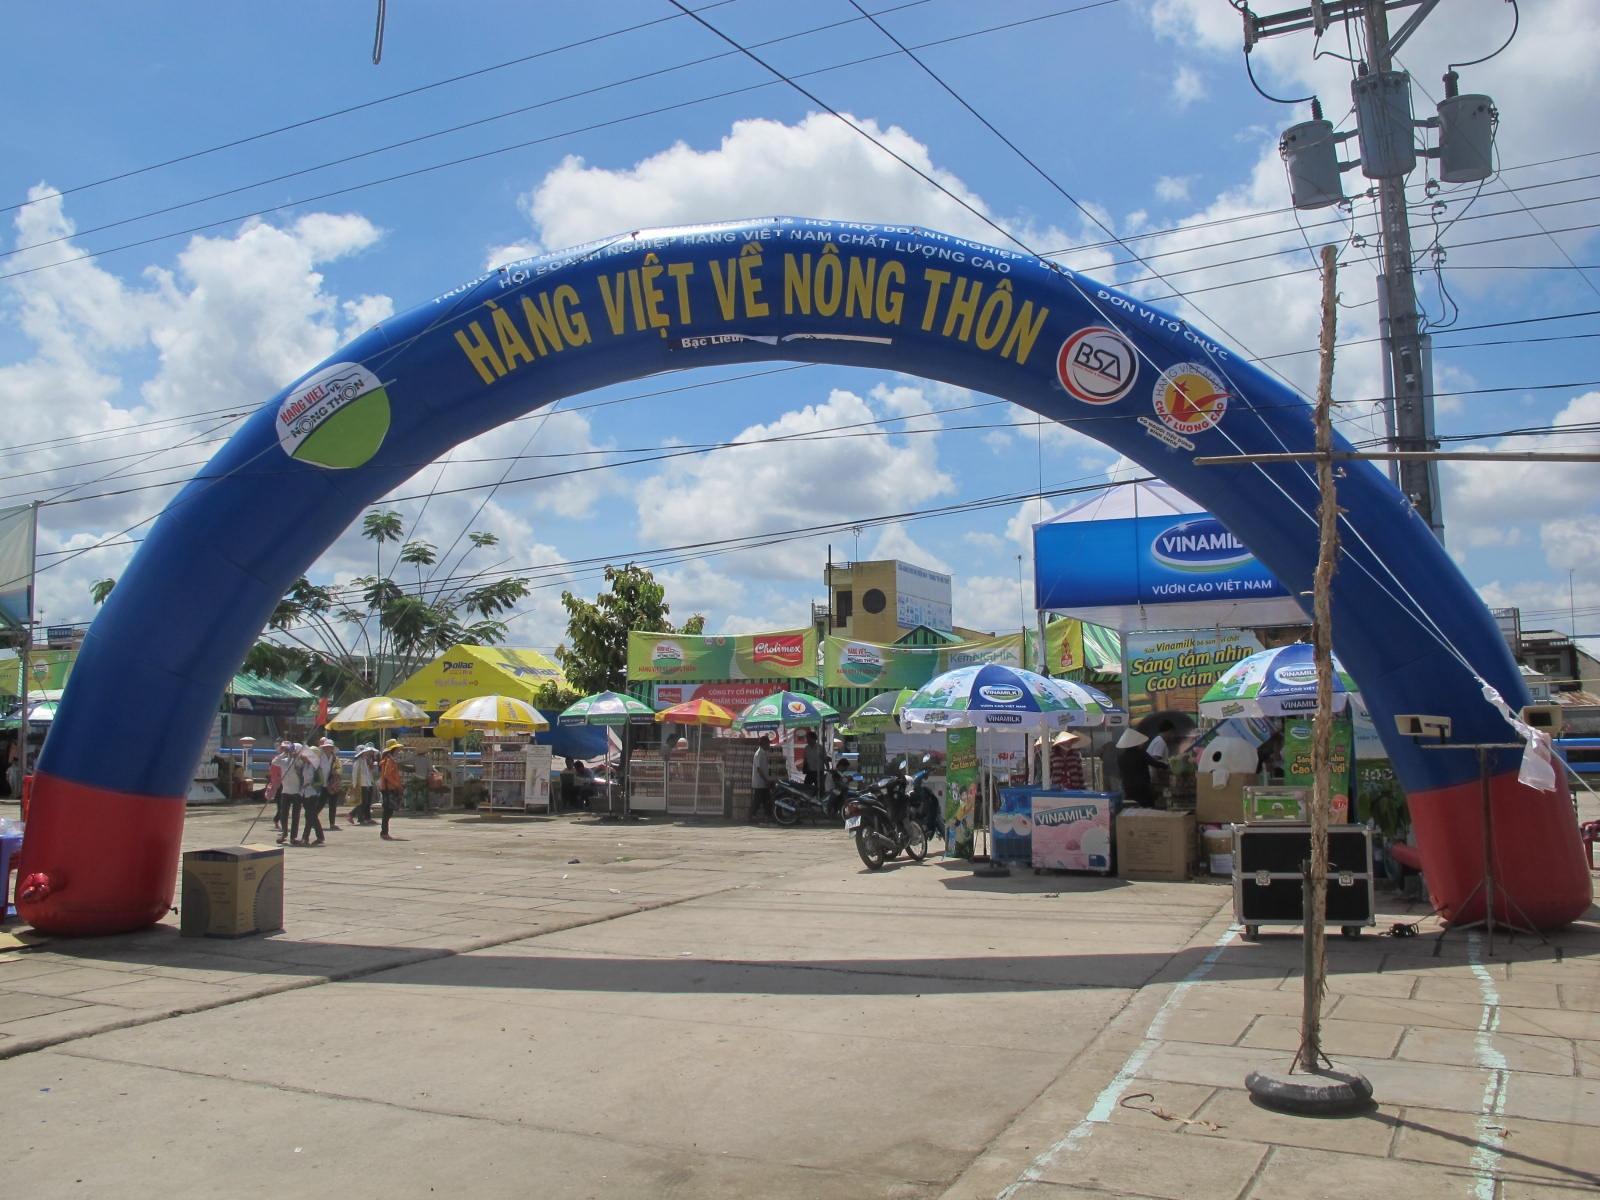 """Hàng Việt """"gặp khó"""" trên thị trường nội địa"""